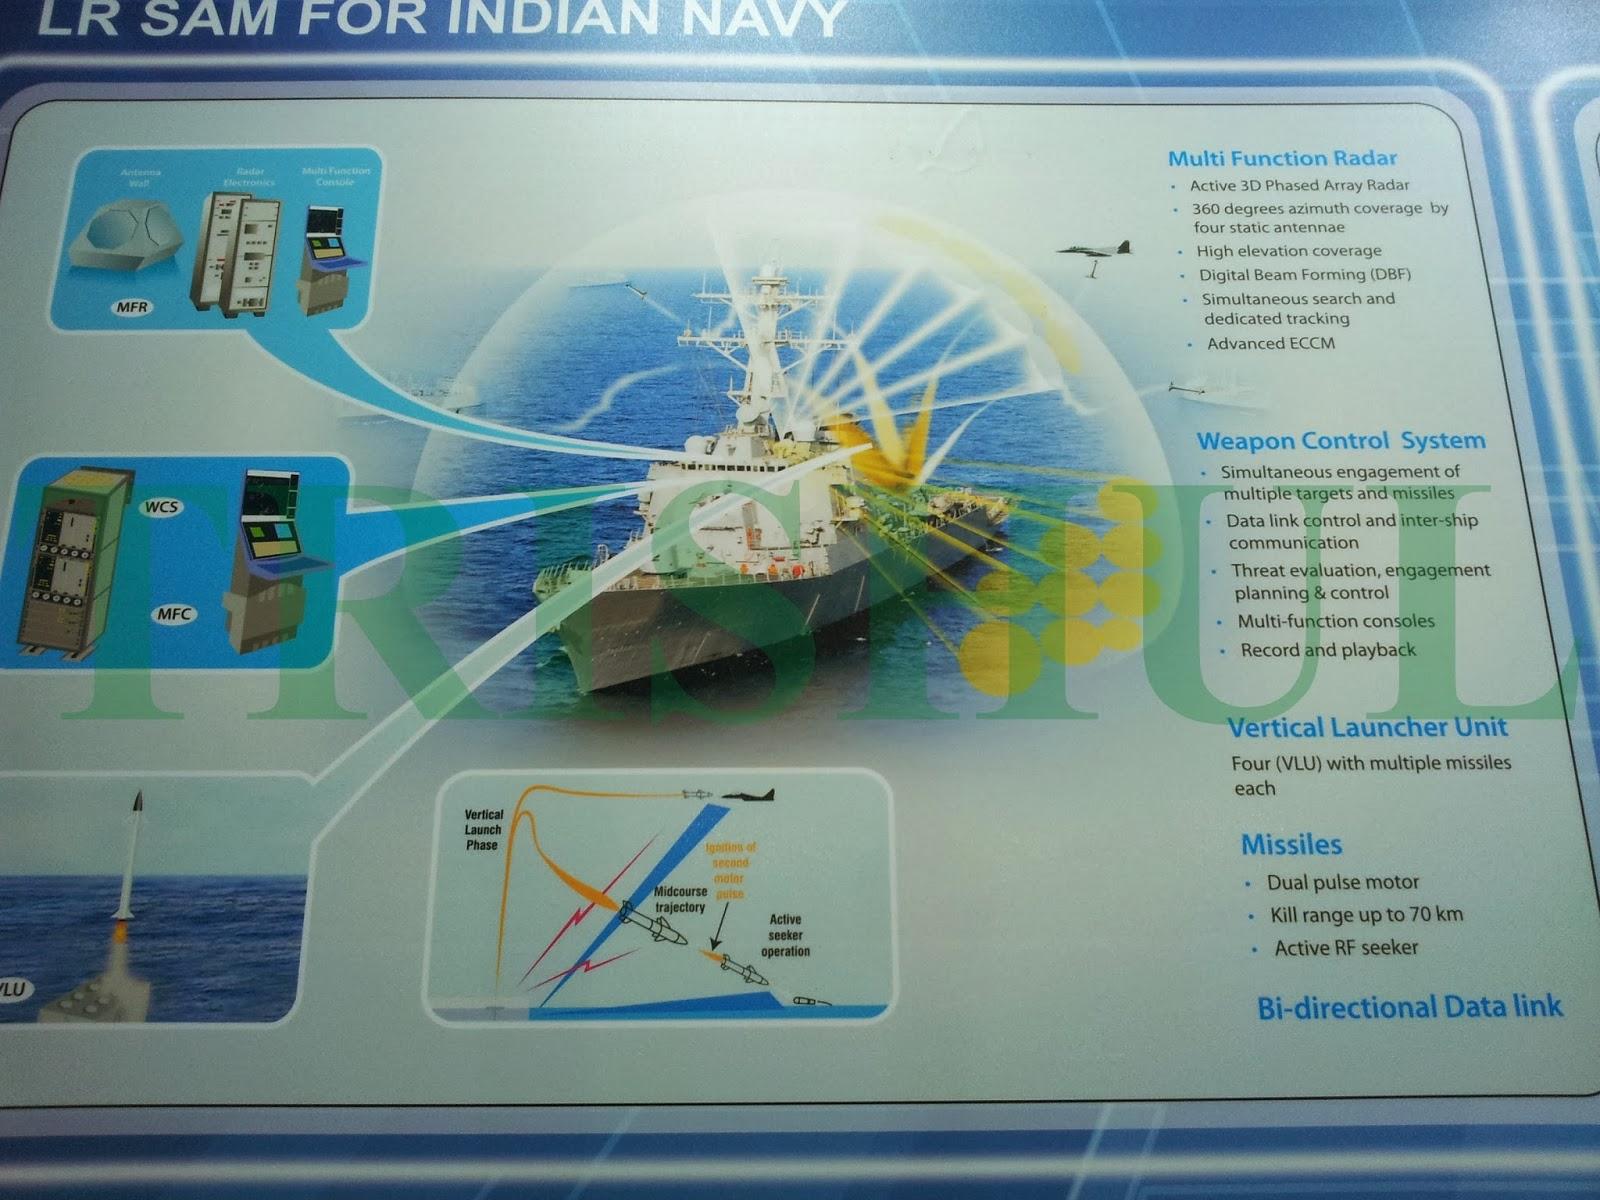 http://3.bp.blogspot.com/-vFh9nqtphJ0/UvJs1JChIHI/AAAAAAAAGgU/0zQFE23awR4/s1600/LR-SAM+for+Navy.jpg